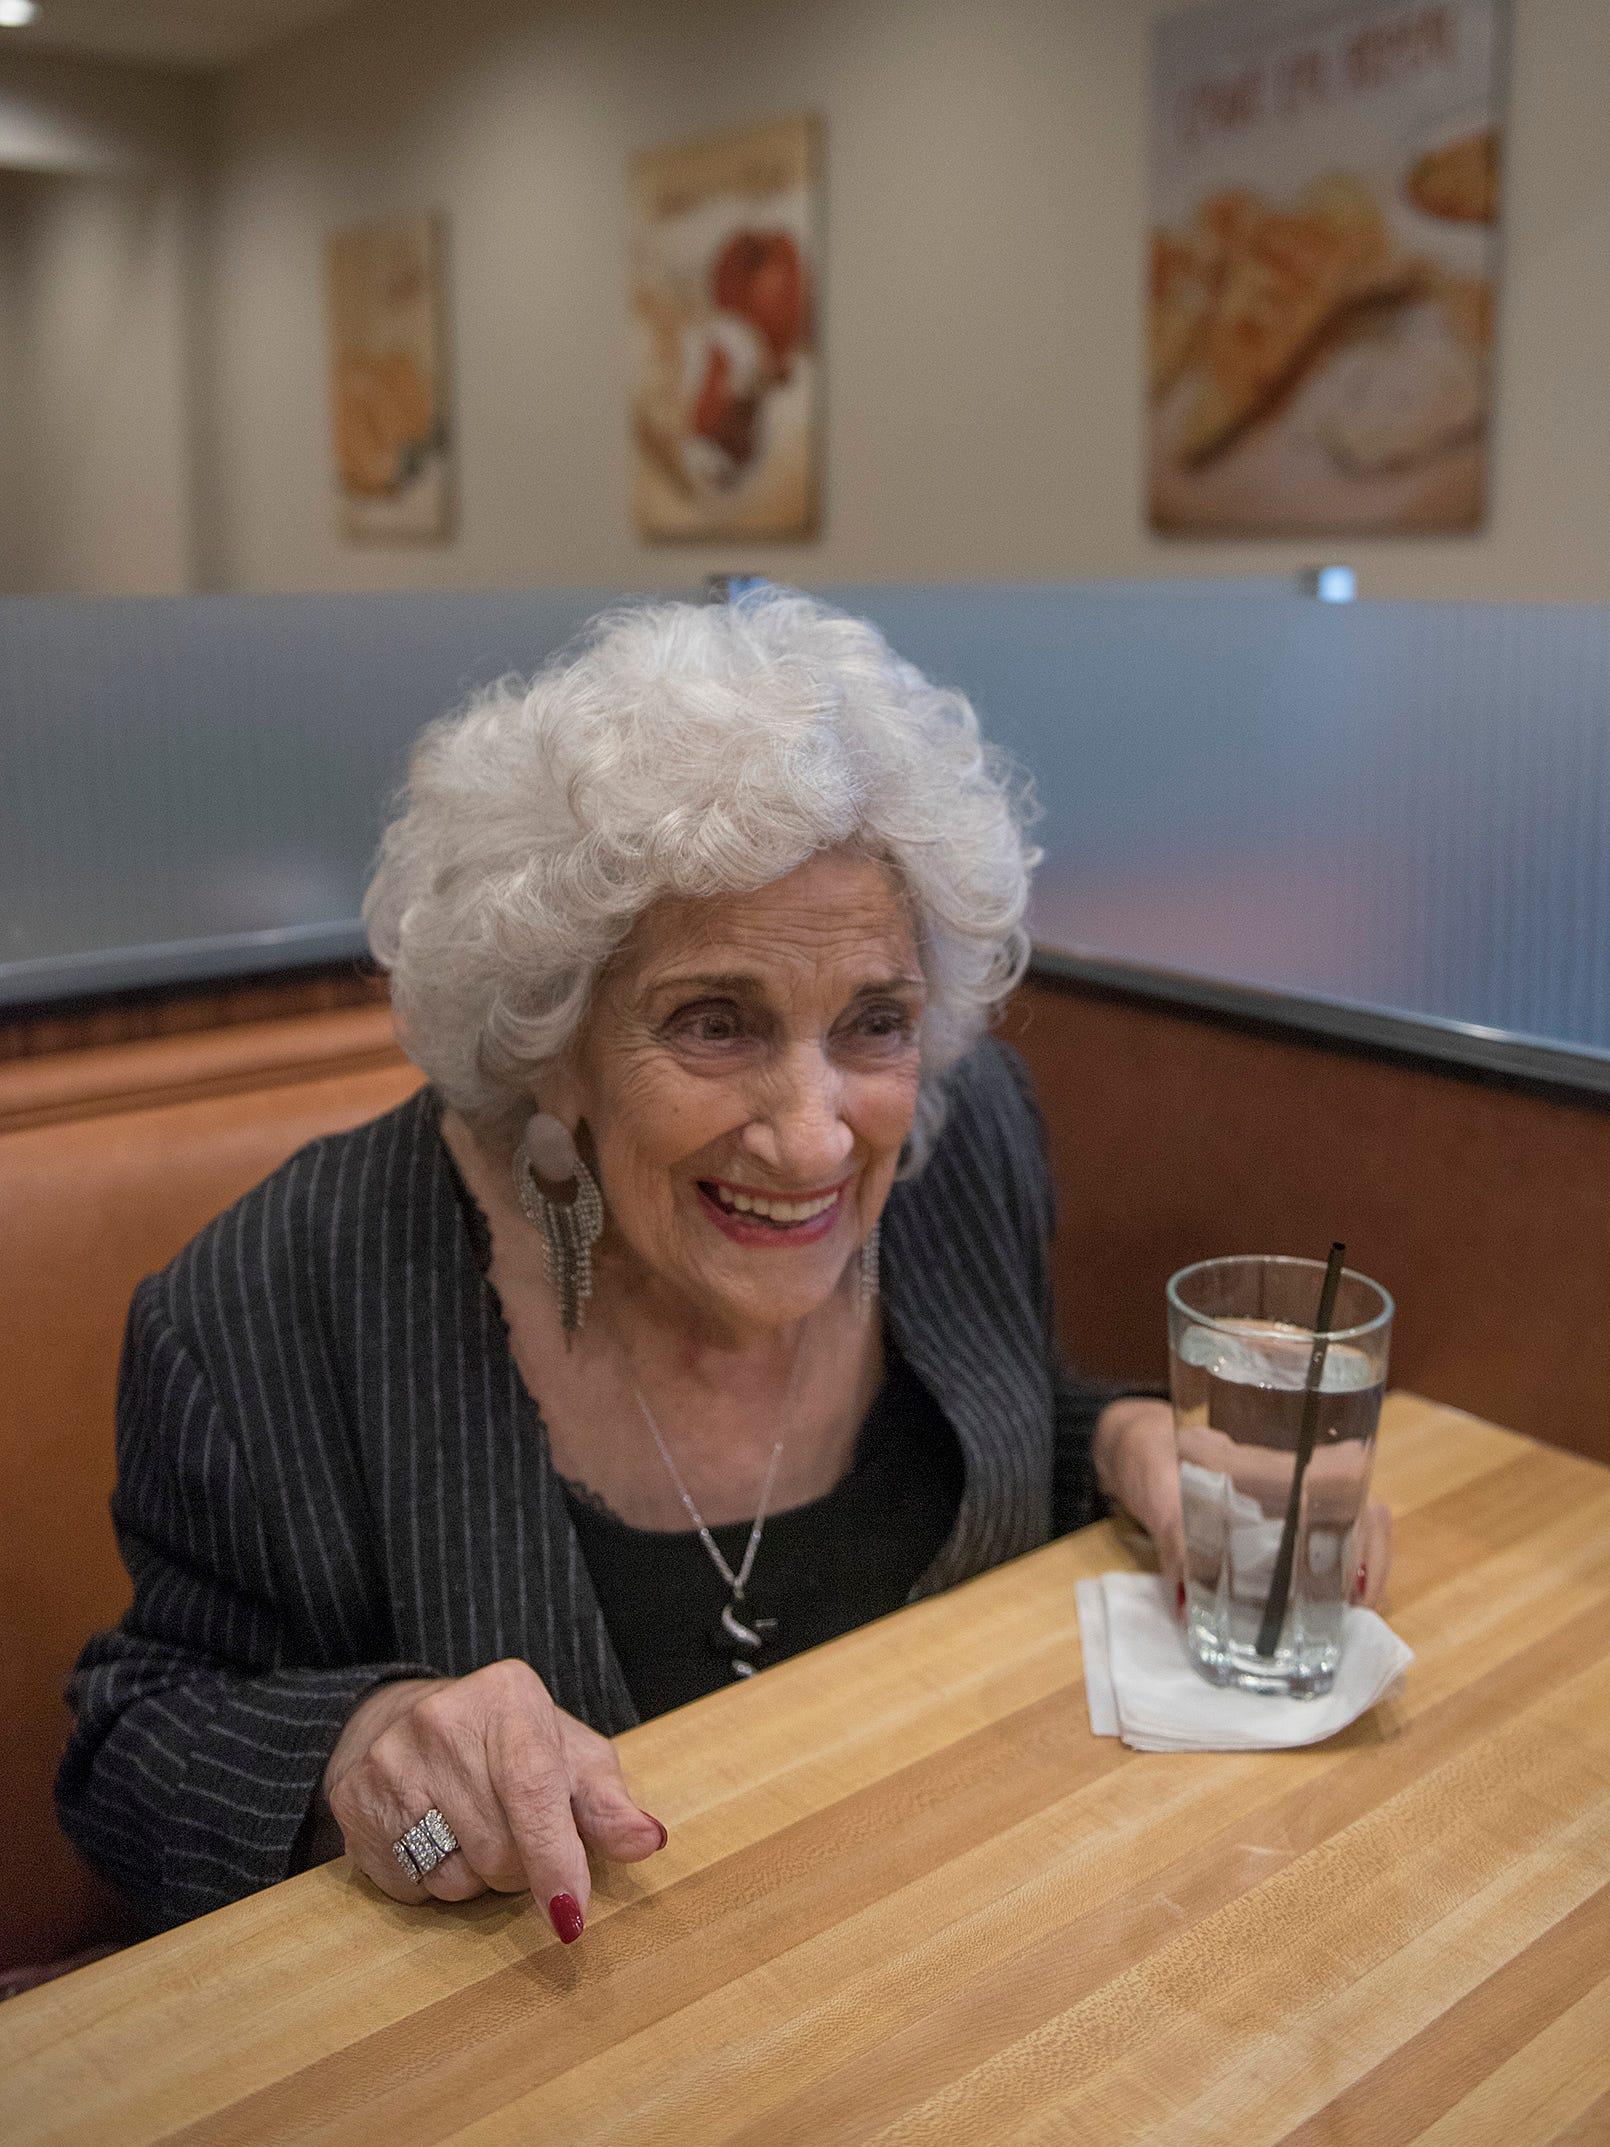 At 92 Olga Loizon Still Loves Her Restaurants